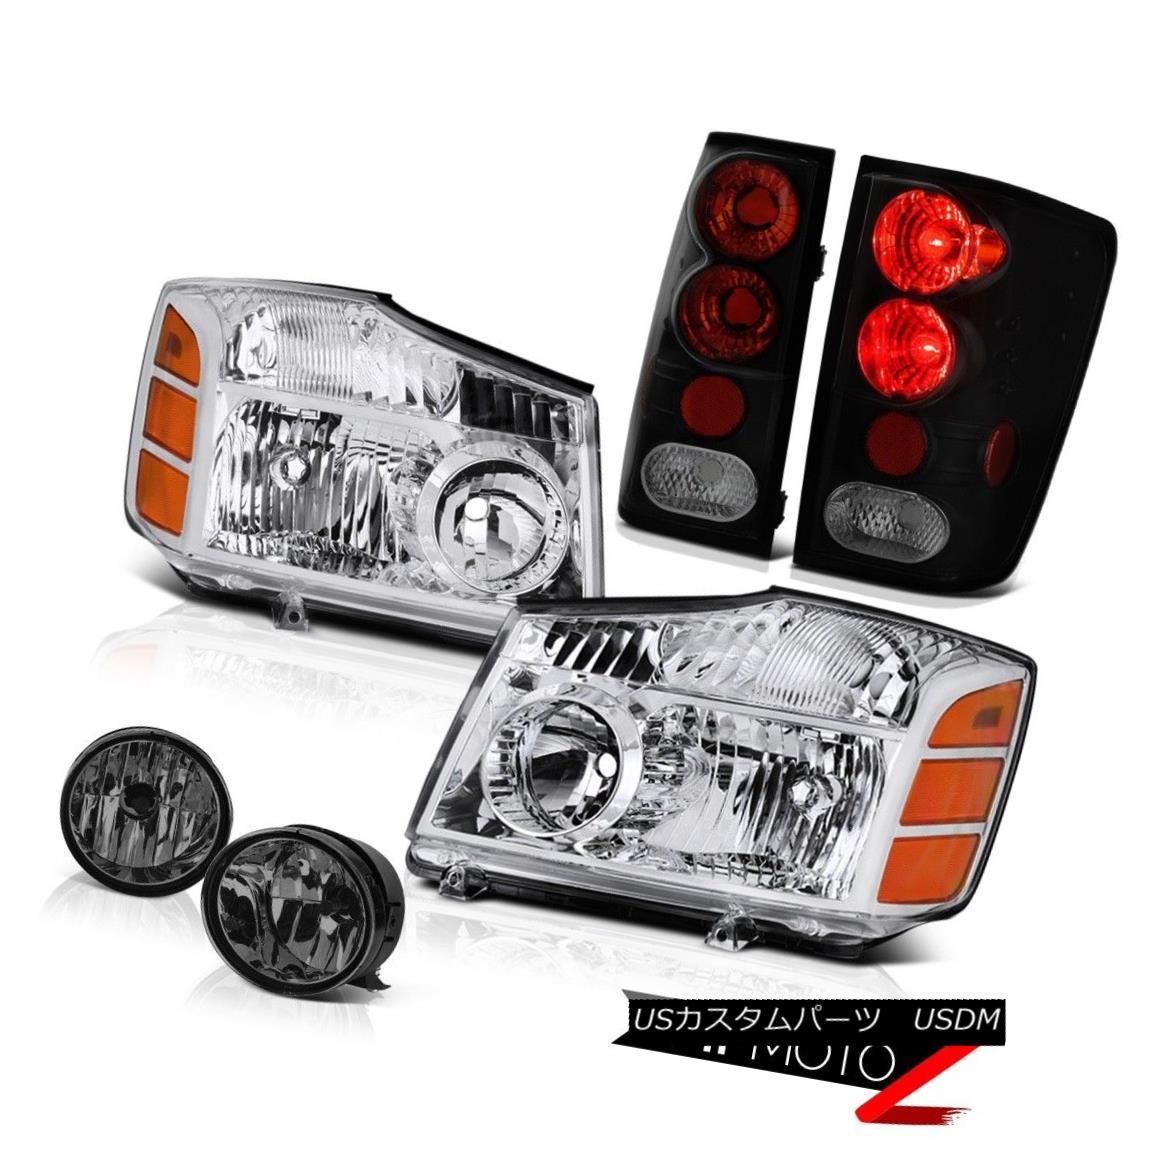 テールライト For 2004-2015 Titan S Euro Chrome Headlights Rear Reverse Tail Lights Foglights 2004年?2015年Titan S Euroクロームヘッドライトリアテールライトフォグライト